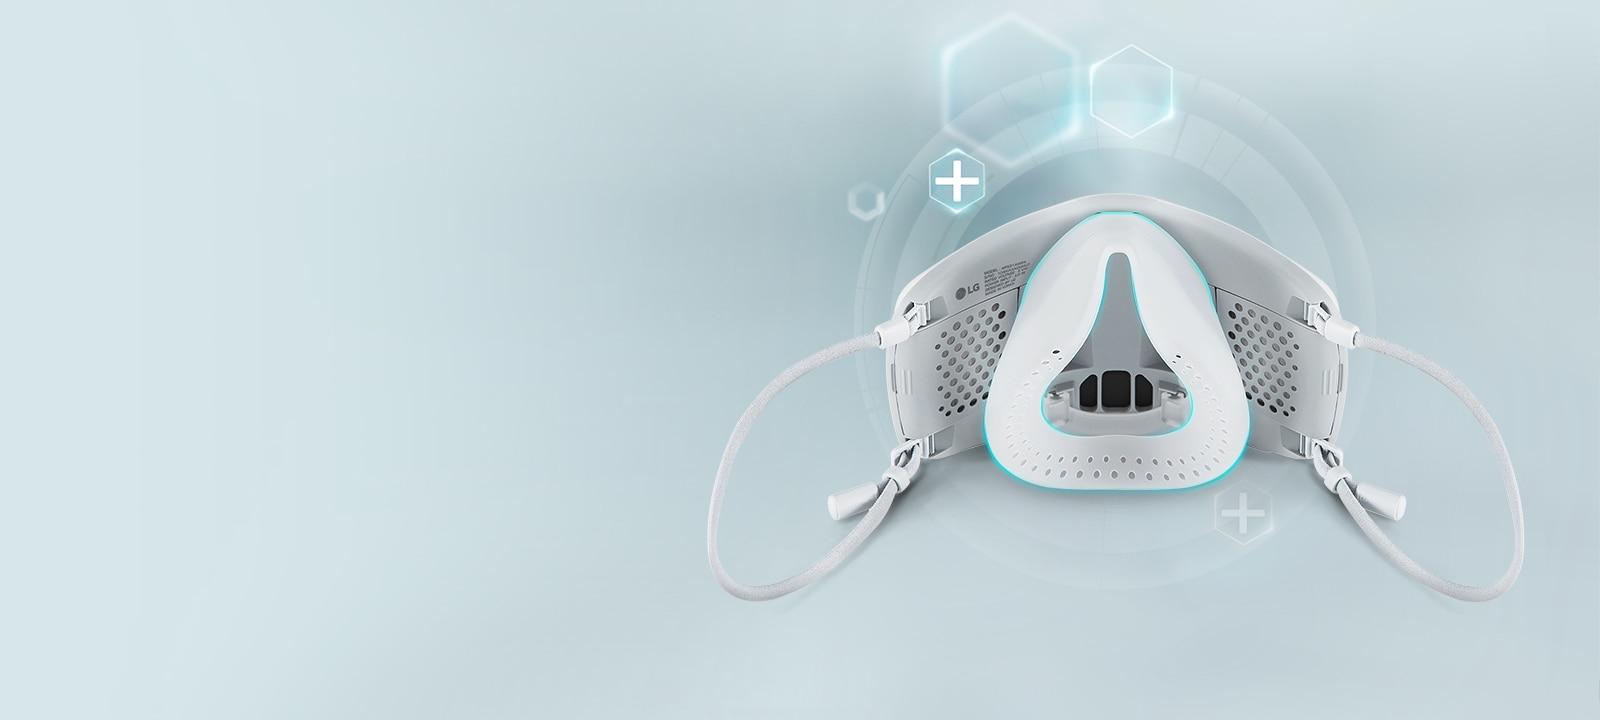 PuriCare™ 穿戴式空氣清新機的內部,淡藍色線標示採用醫用級矽膠製成的內蓋。